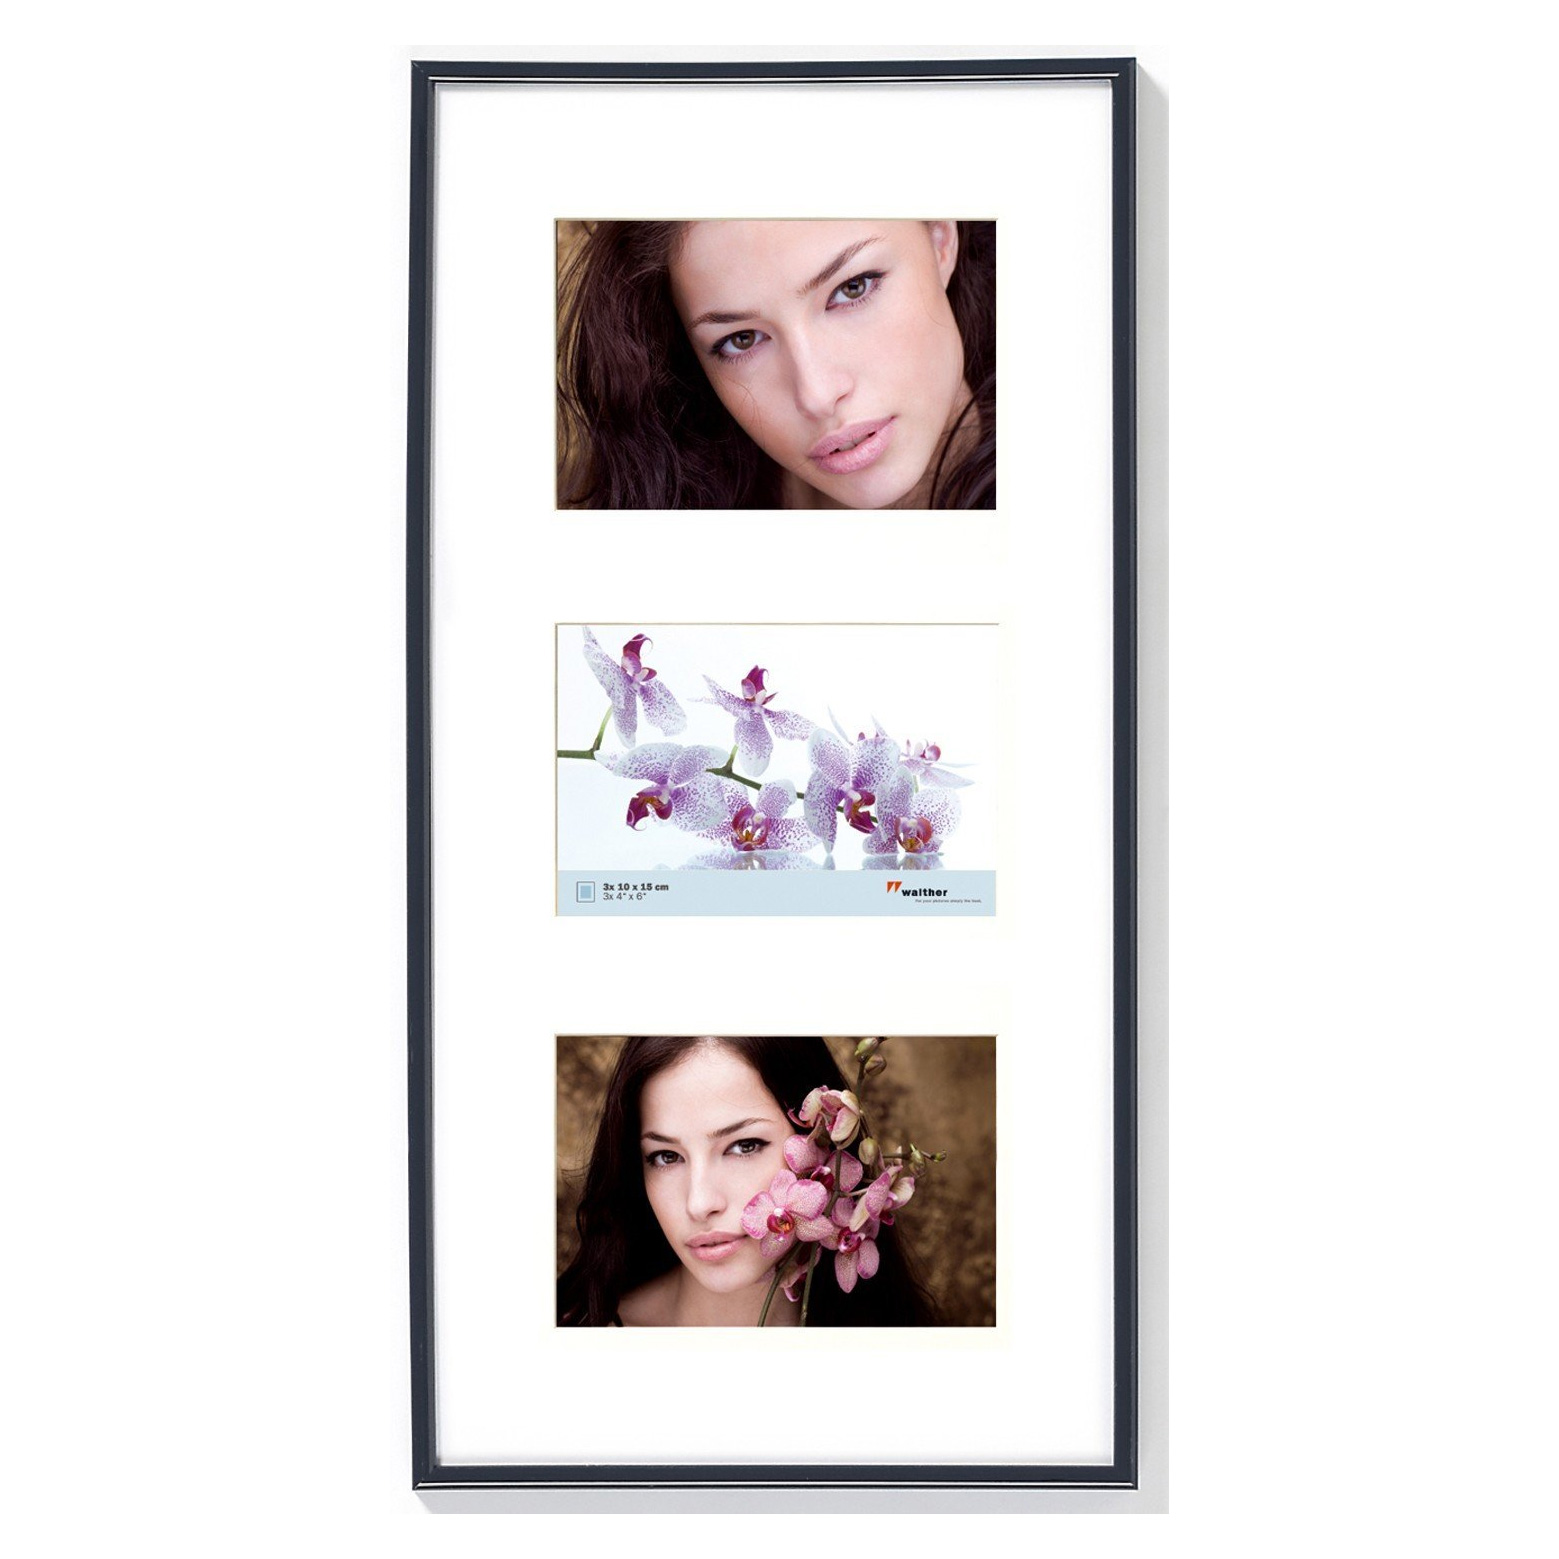 Herlig Sort ramme til 3 billeder i 10x15 cm med passepartout - fotoramme IA-71